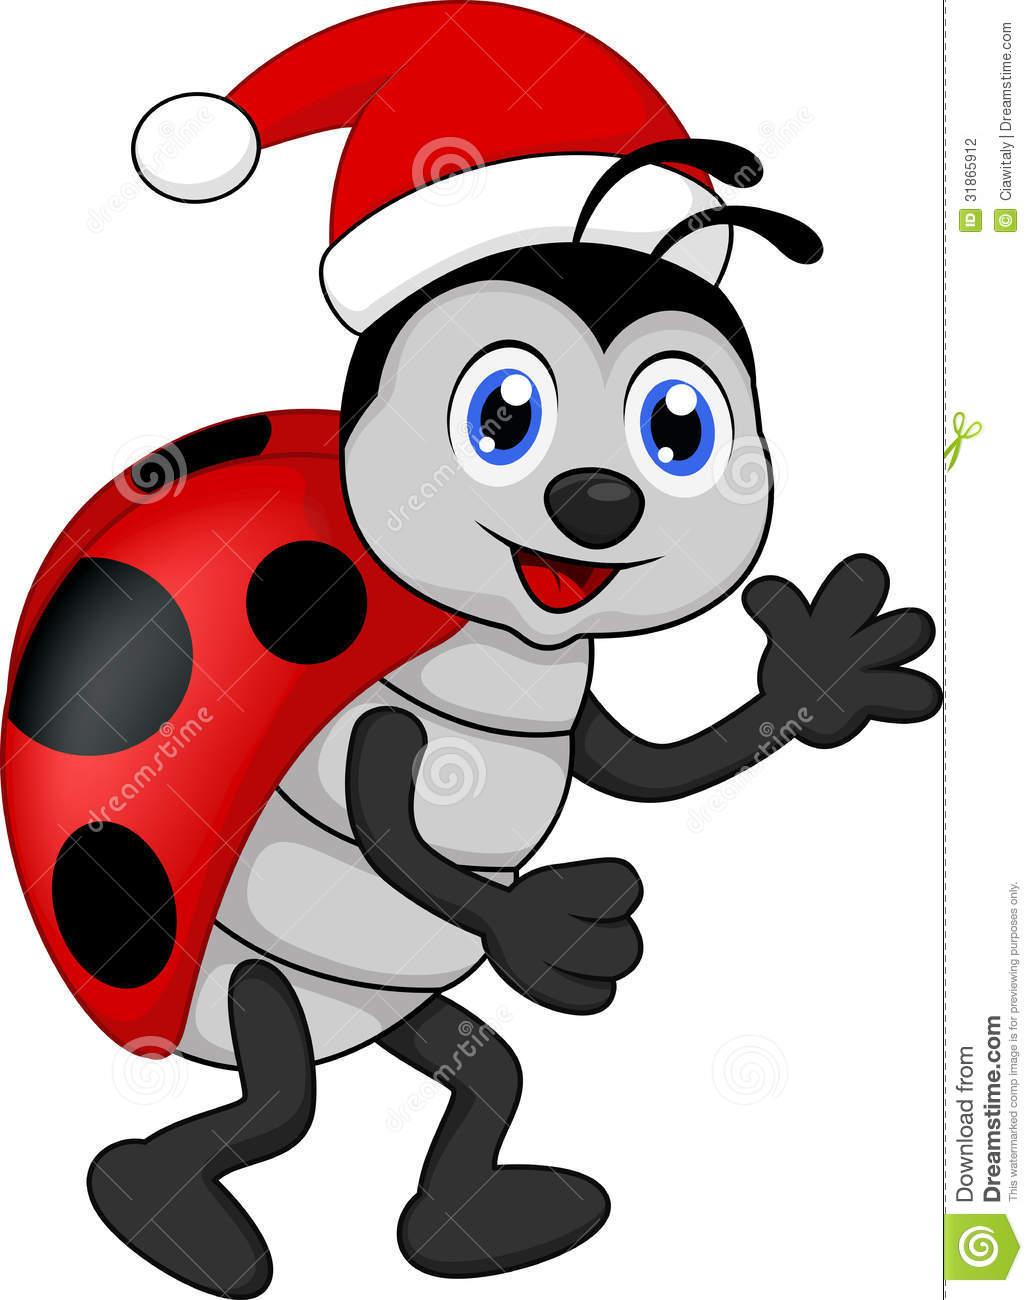 Ladybug cliparts.